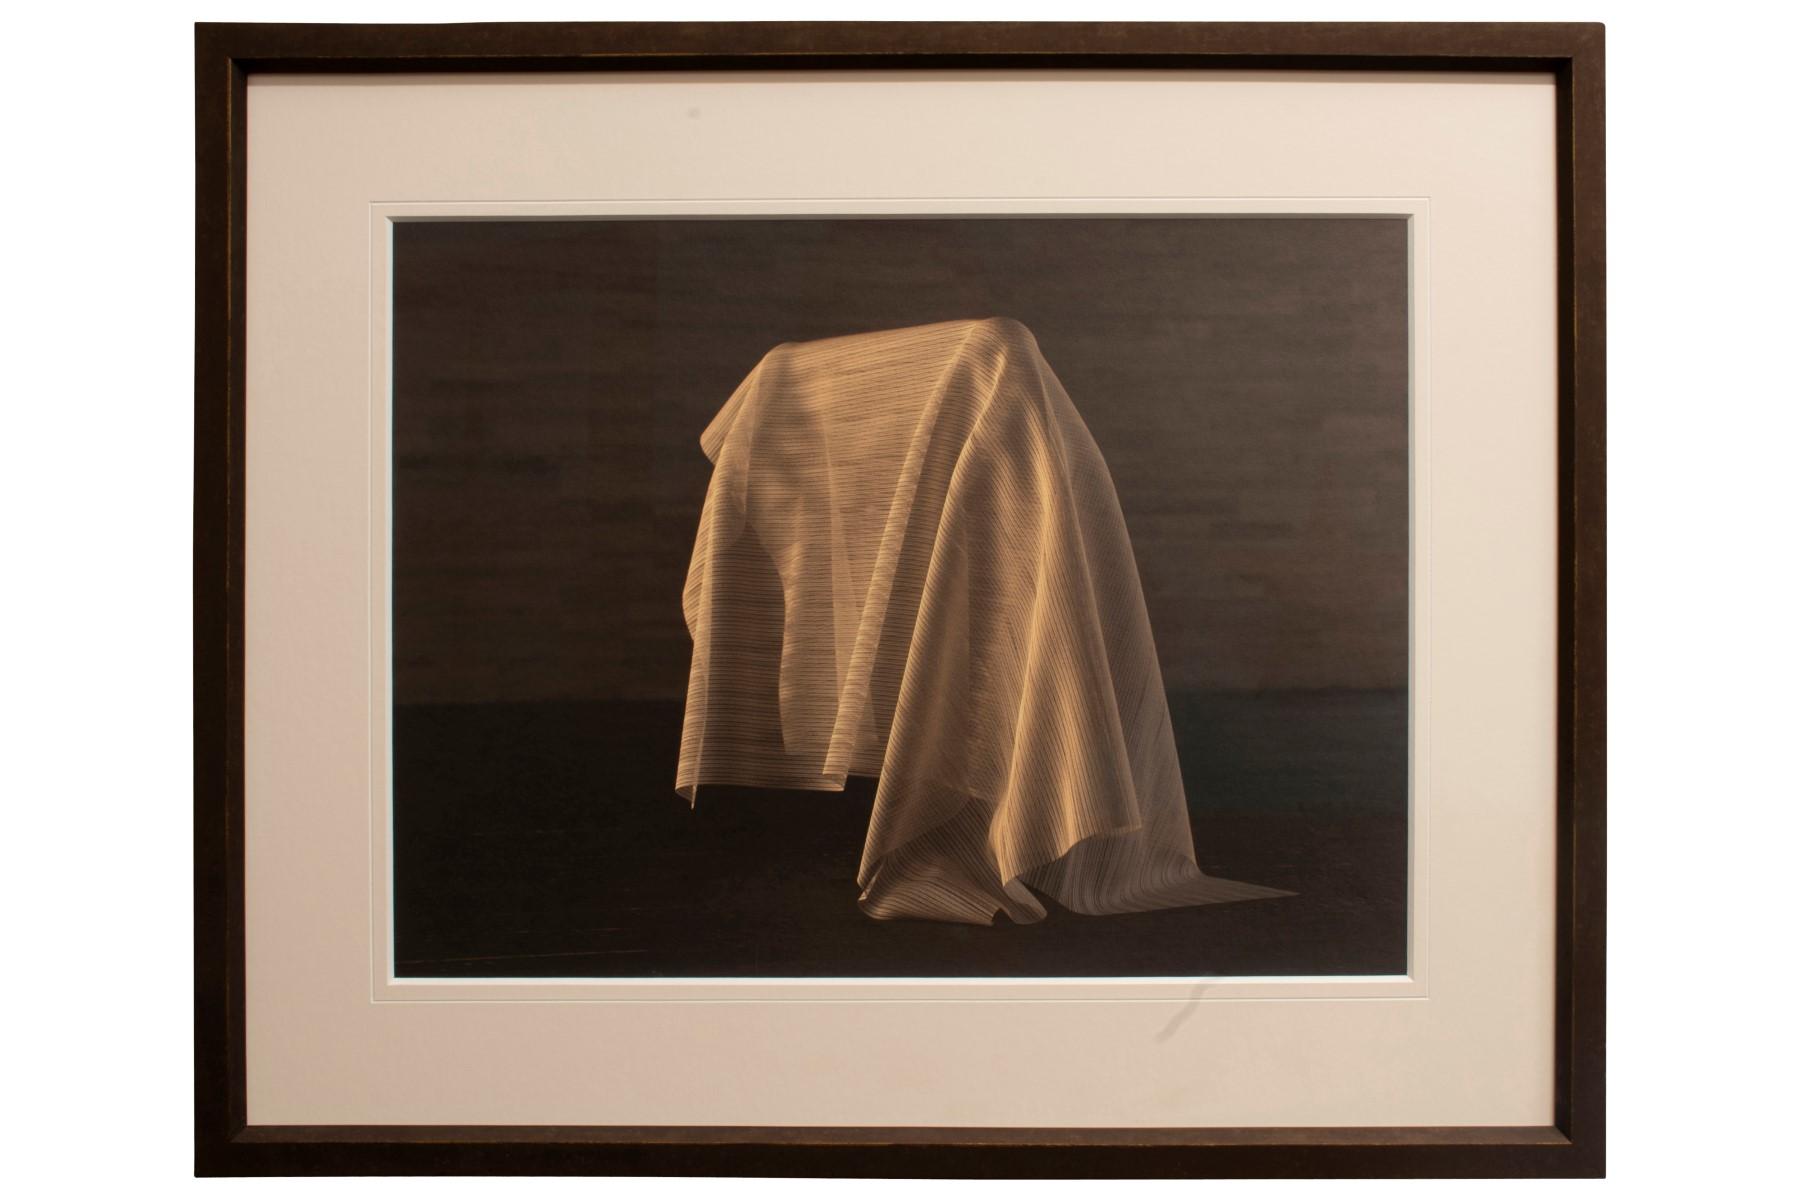 #64 Stefan Krische (1986), Image works   Stefan Krische (1986), Image works Image